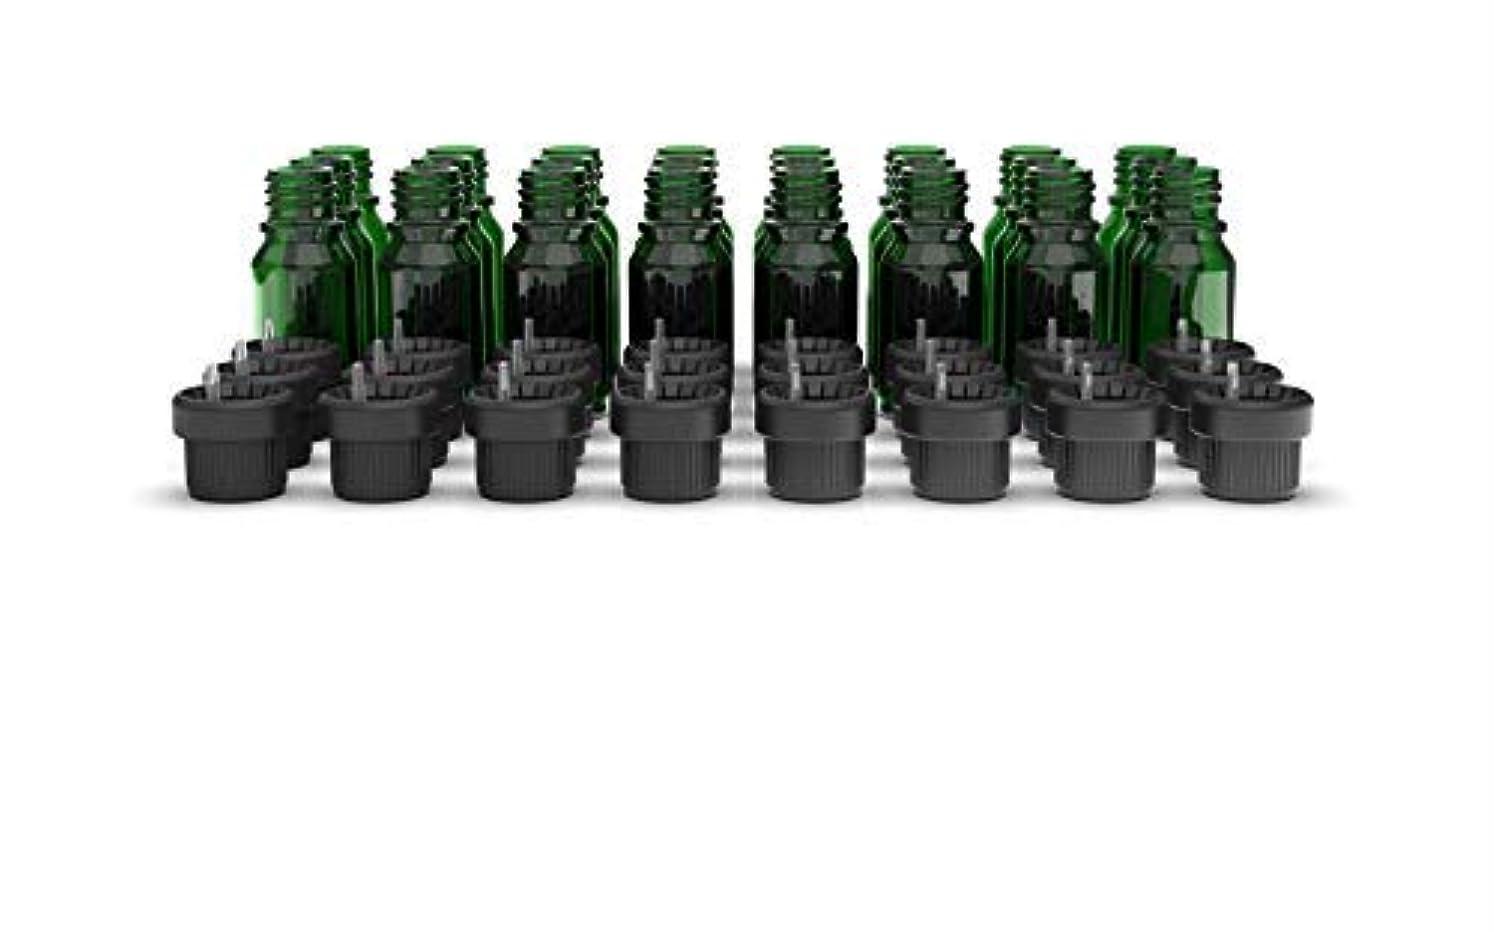 ファントム抱擁ポータルTwo Scents Glass Bottles for Essential Oils - 10 mL Refillable Empty Bottle with Orifice Reducer Dropper and Cap...